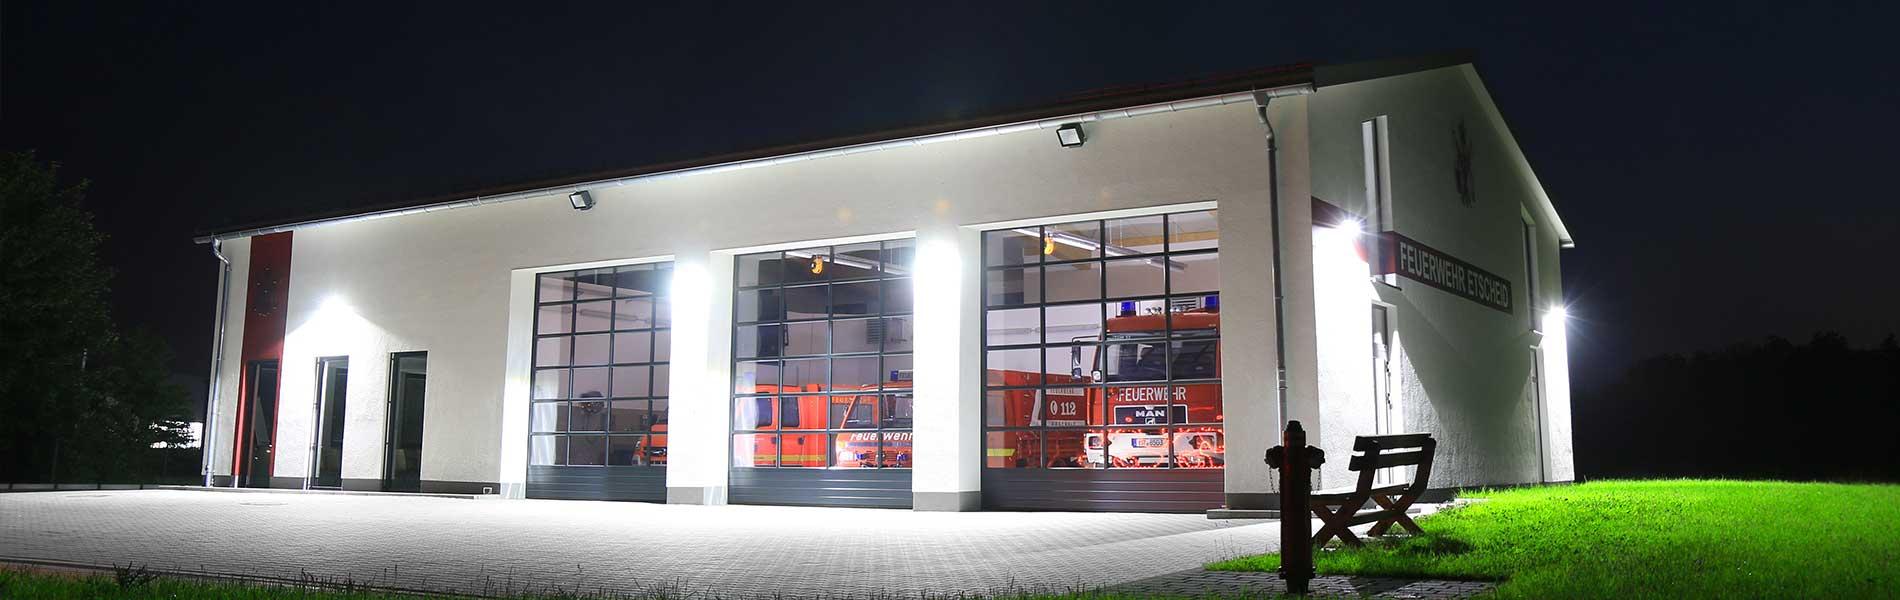 Feuerwehr-Etscheid_Gerätehaus_VG-Asbach